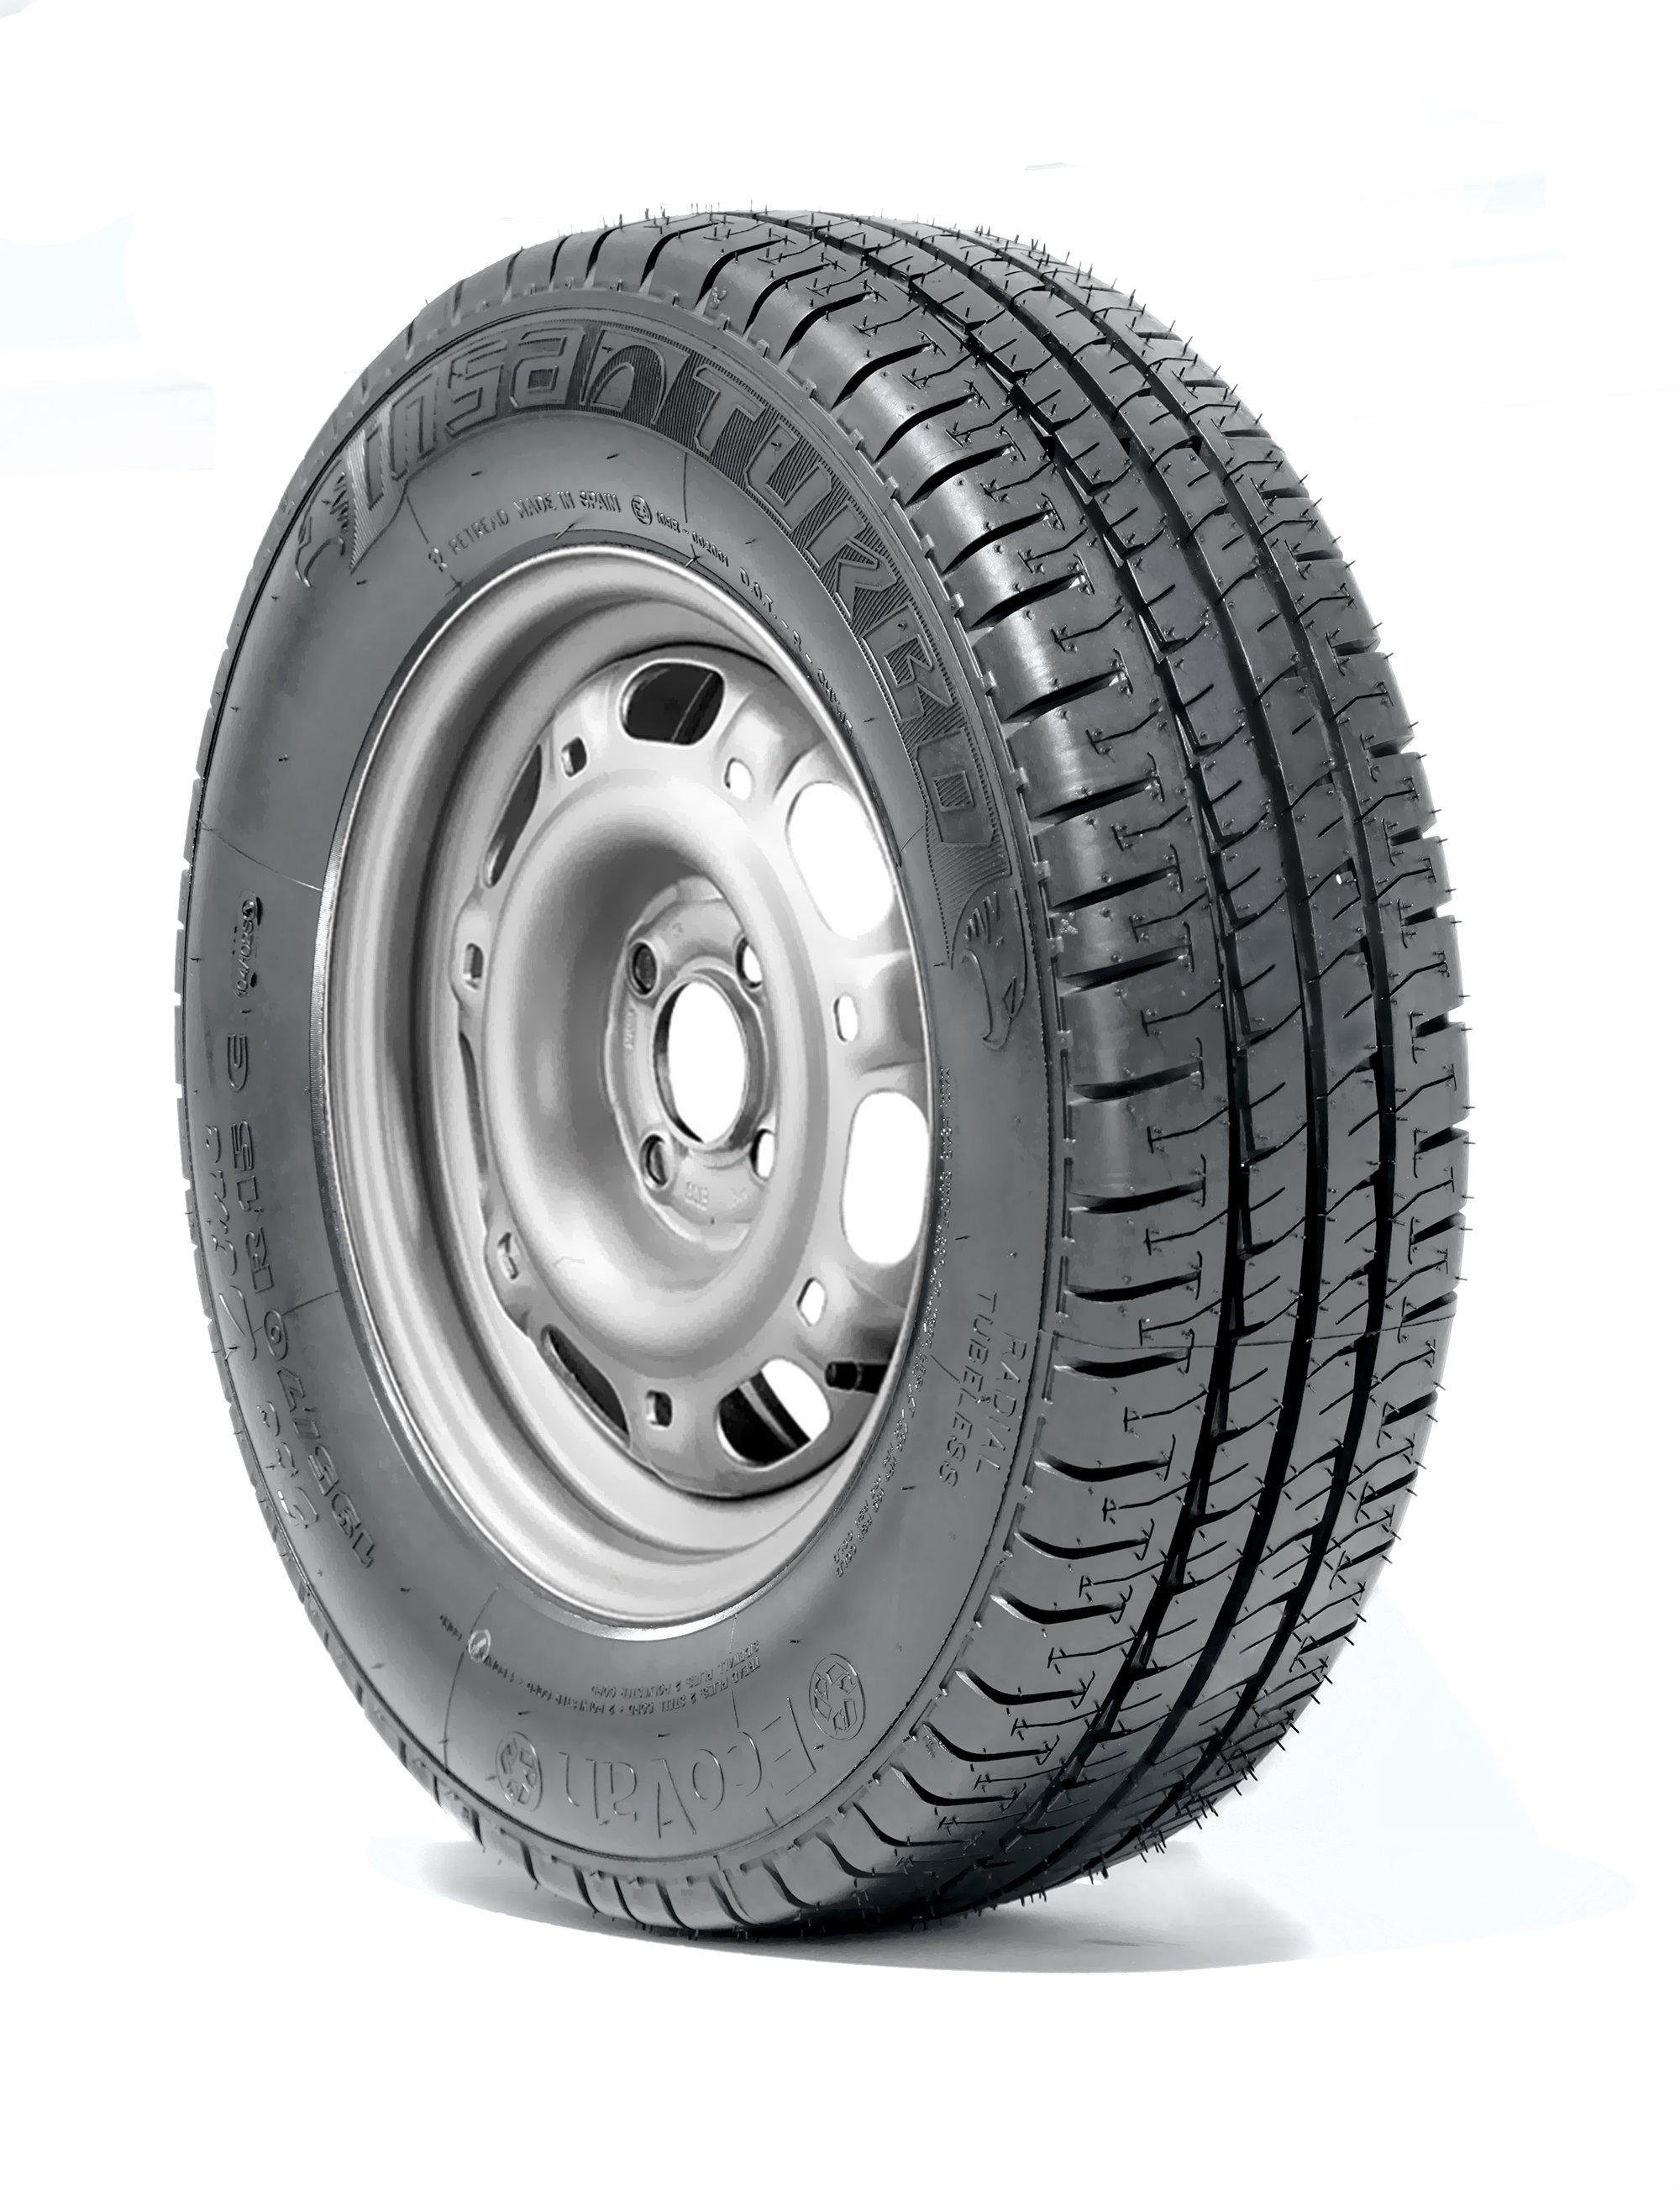 insa-turbo-ecovan-215-75r16113r